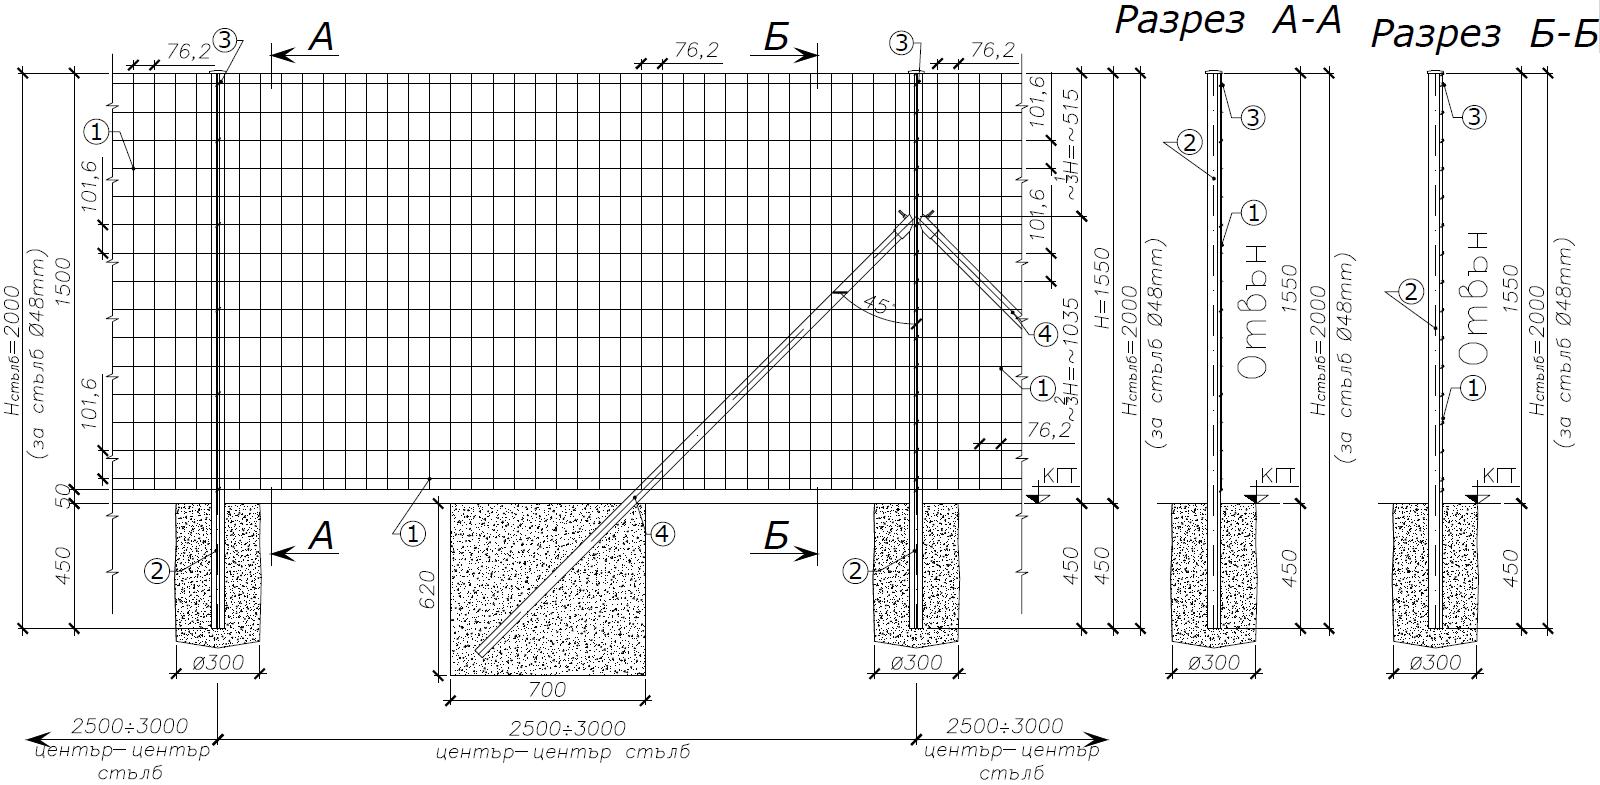 Оградни мрежи PANTANET LIGHT за жилищни сгради и временно ограждане